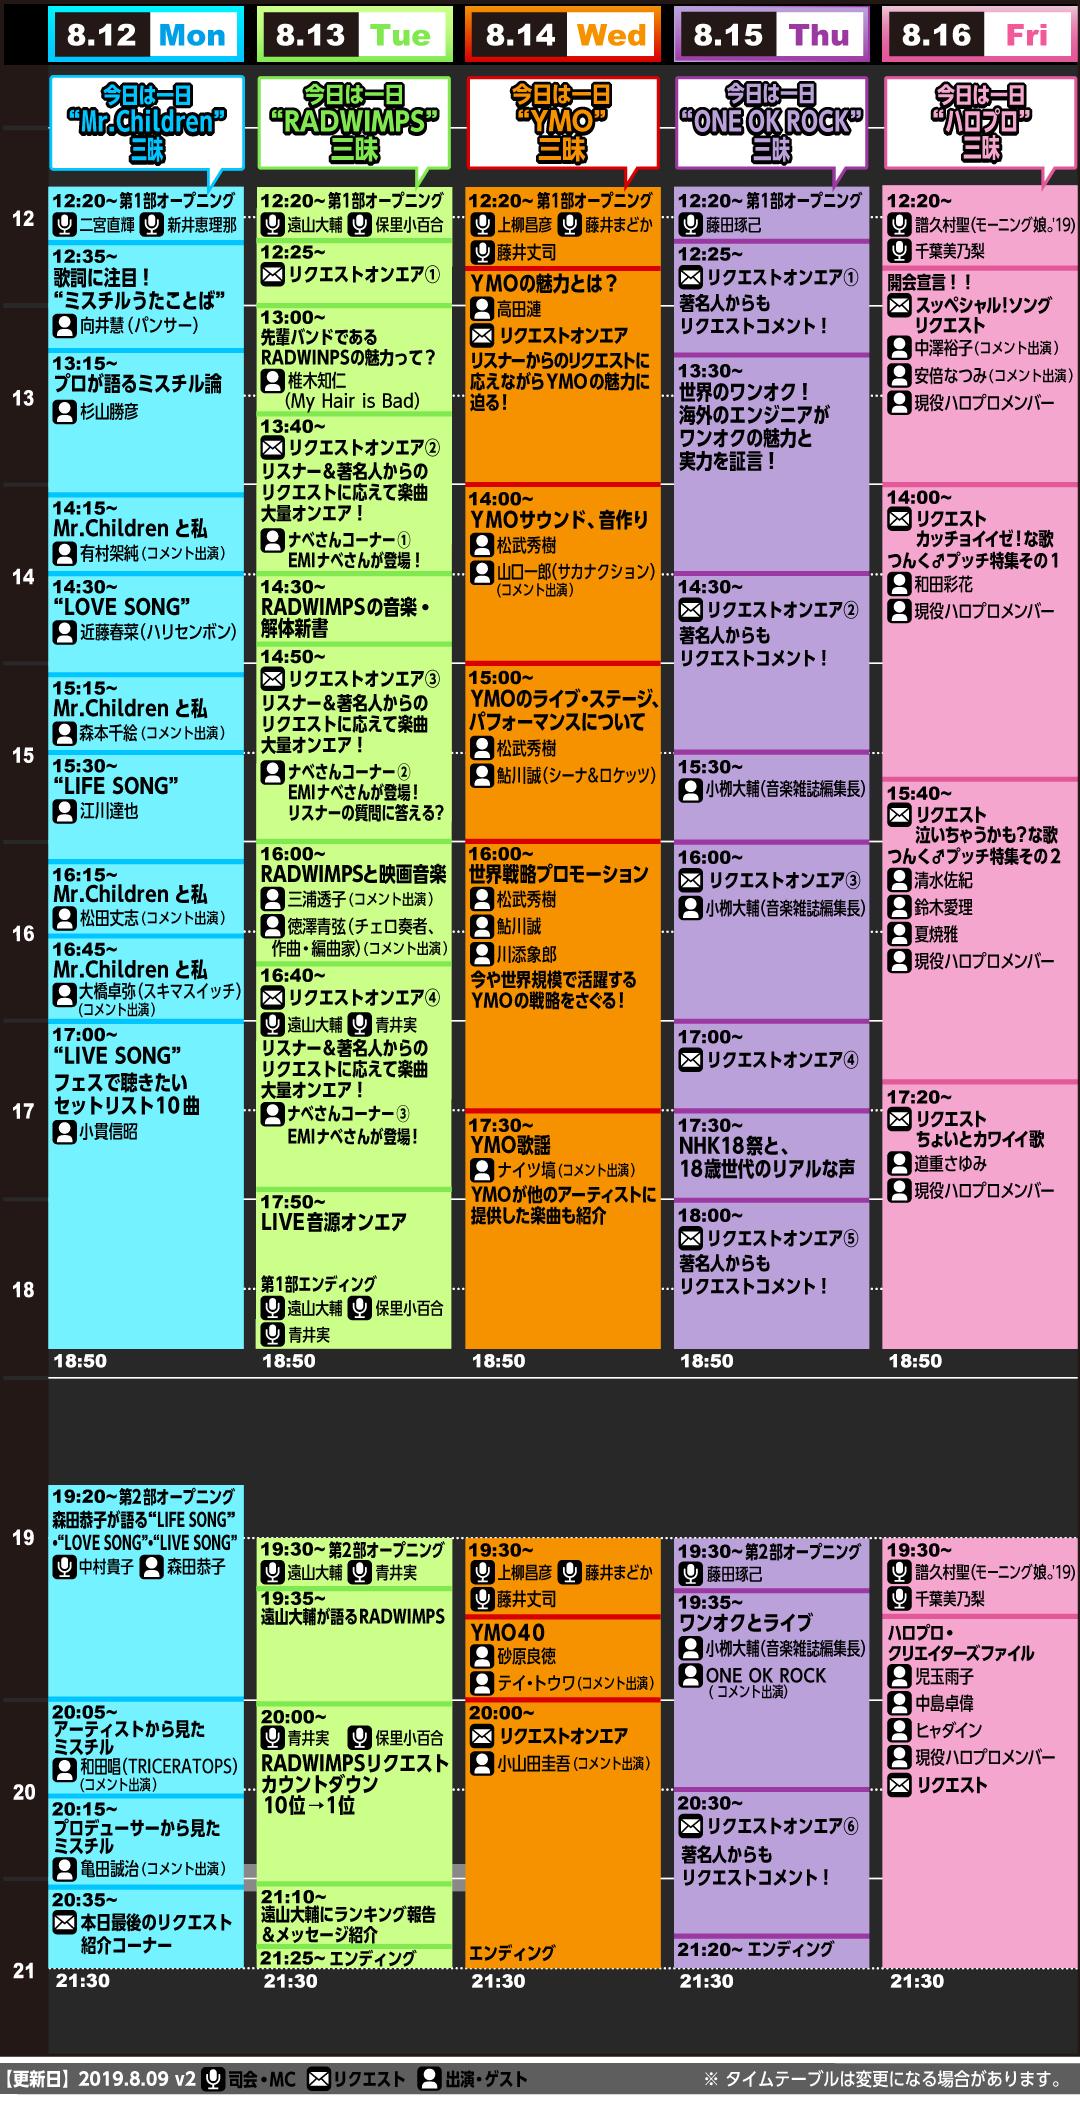 【清水佐紀】お姉さんズFANスレpart152【嗣永桃子】 YouTube動画>2本 ->画像>171枚